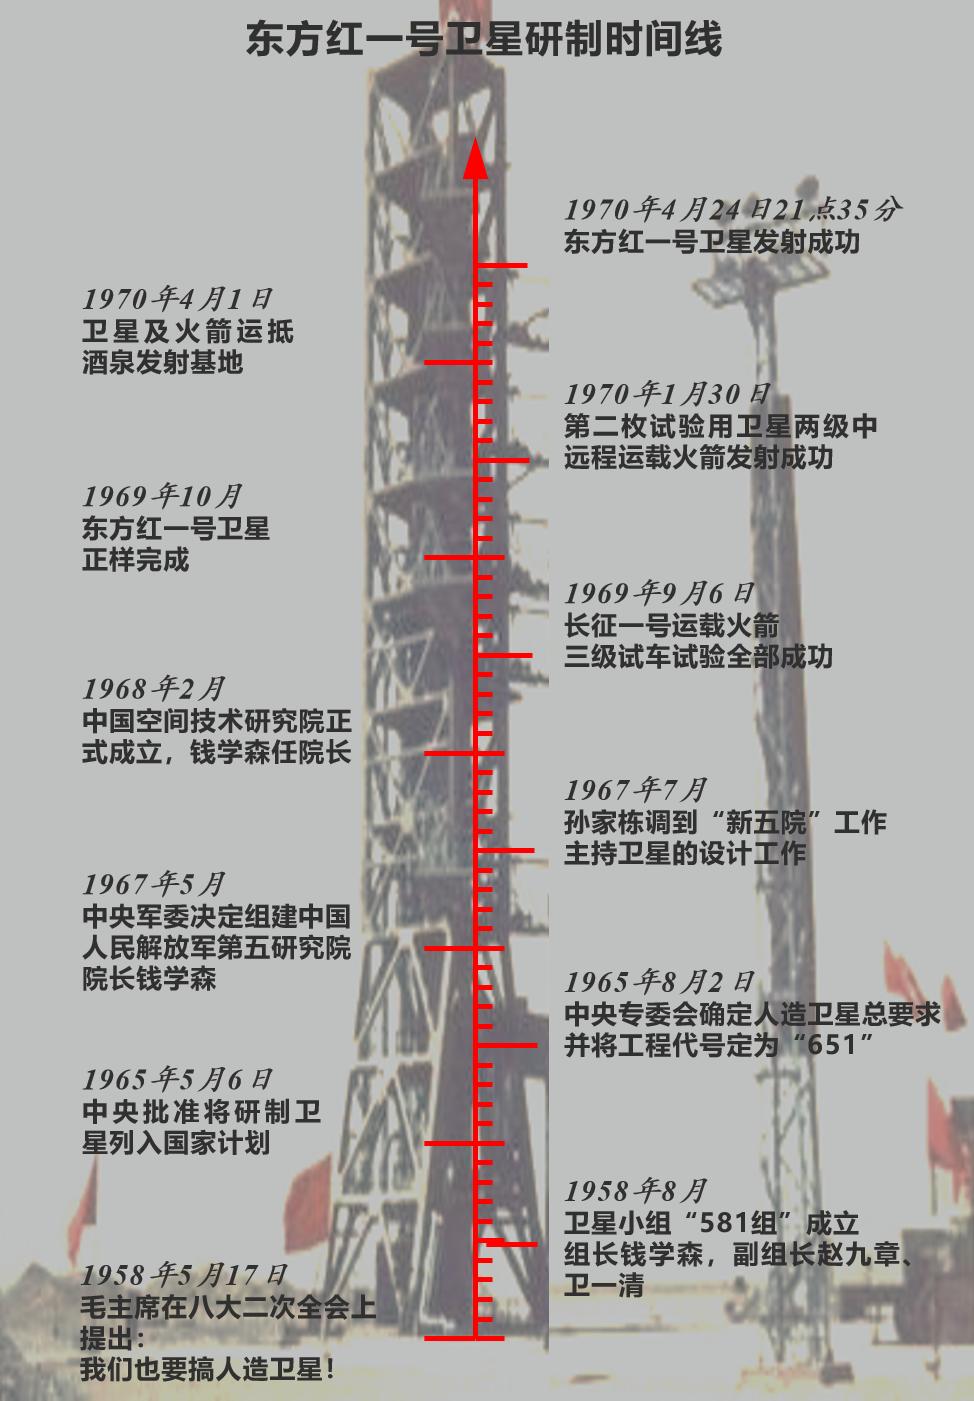 【杏悦代理】哈工大航天学院杏悦代理是怎图片